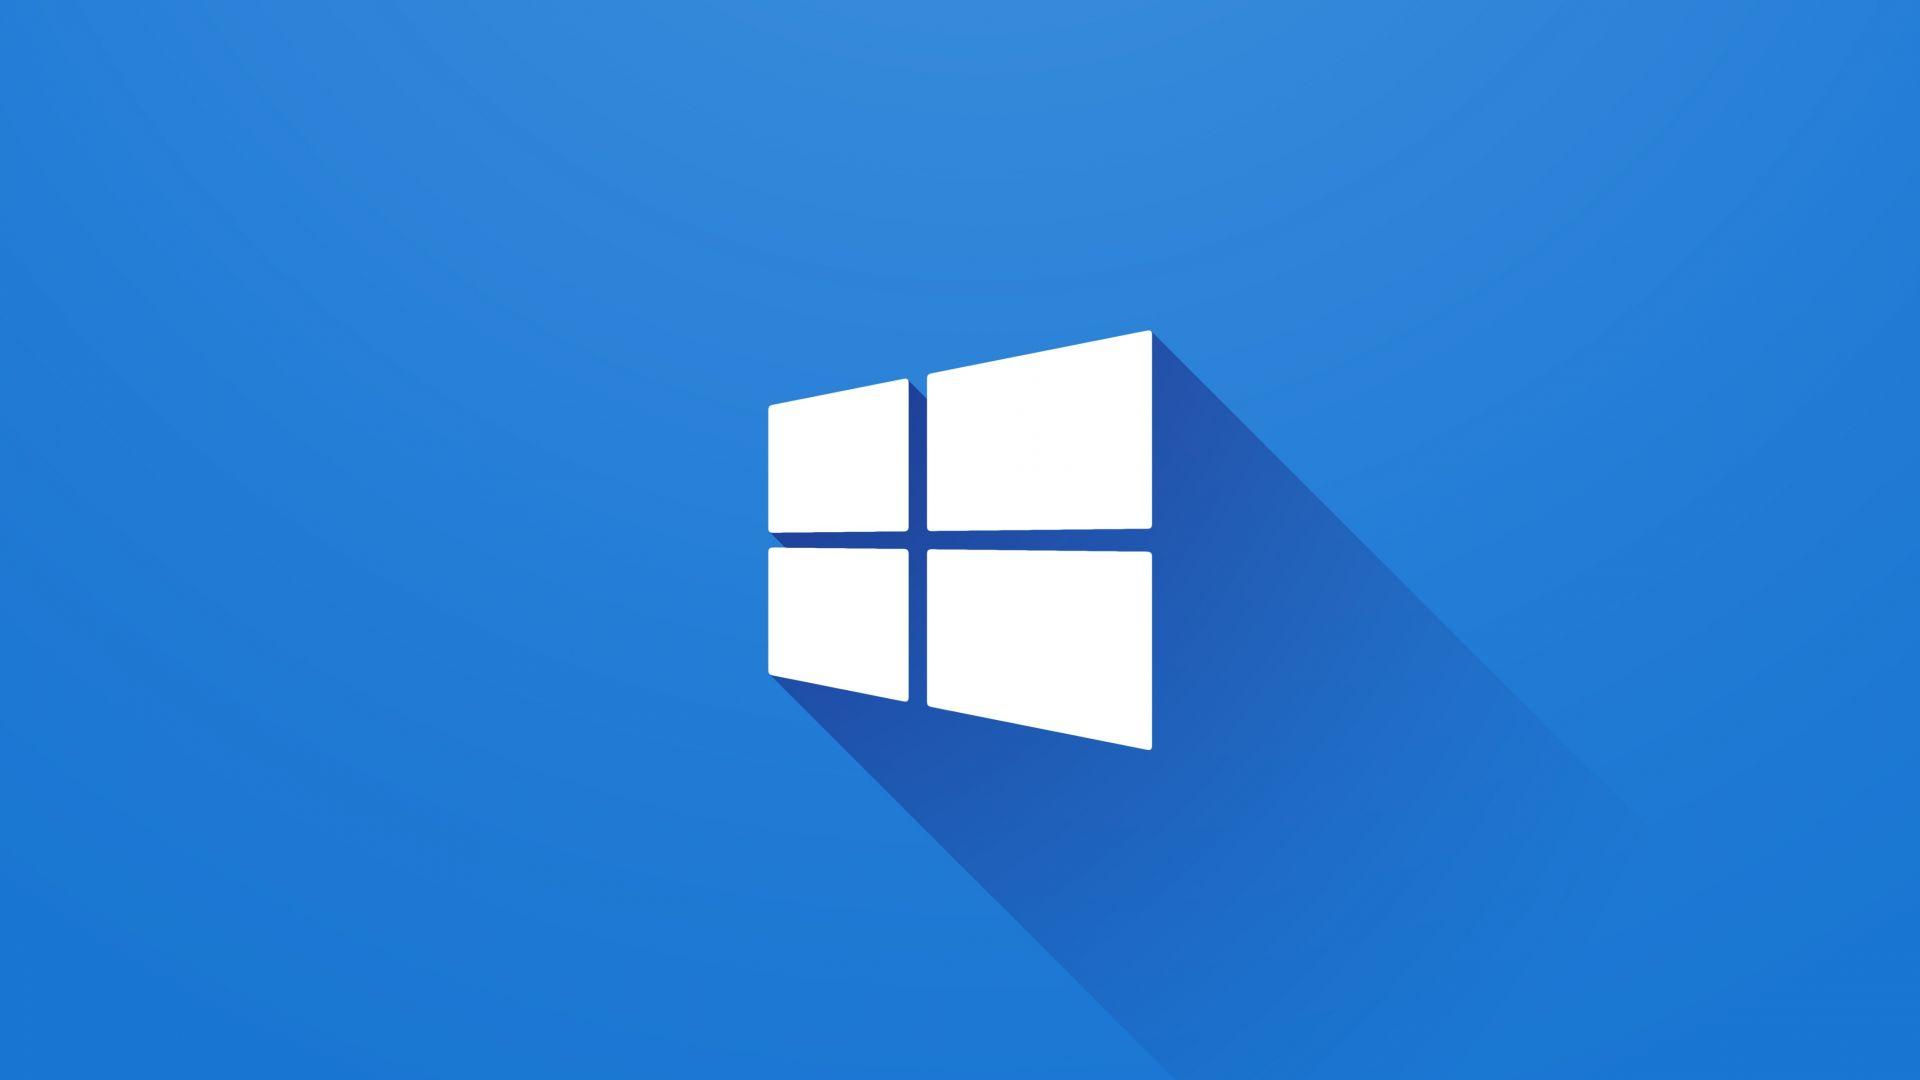 4k Wallpaper Microsoft